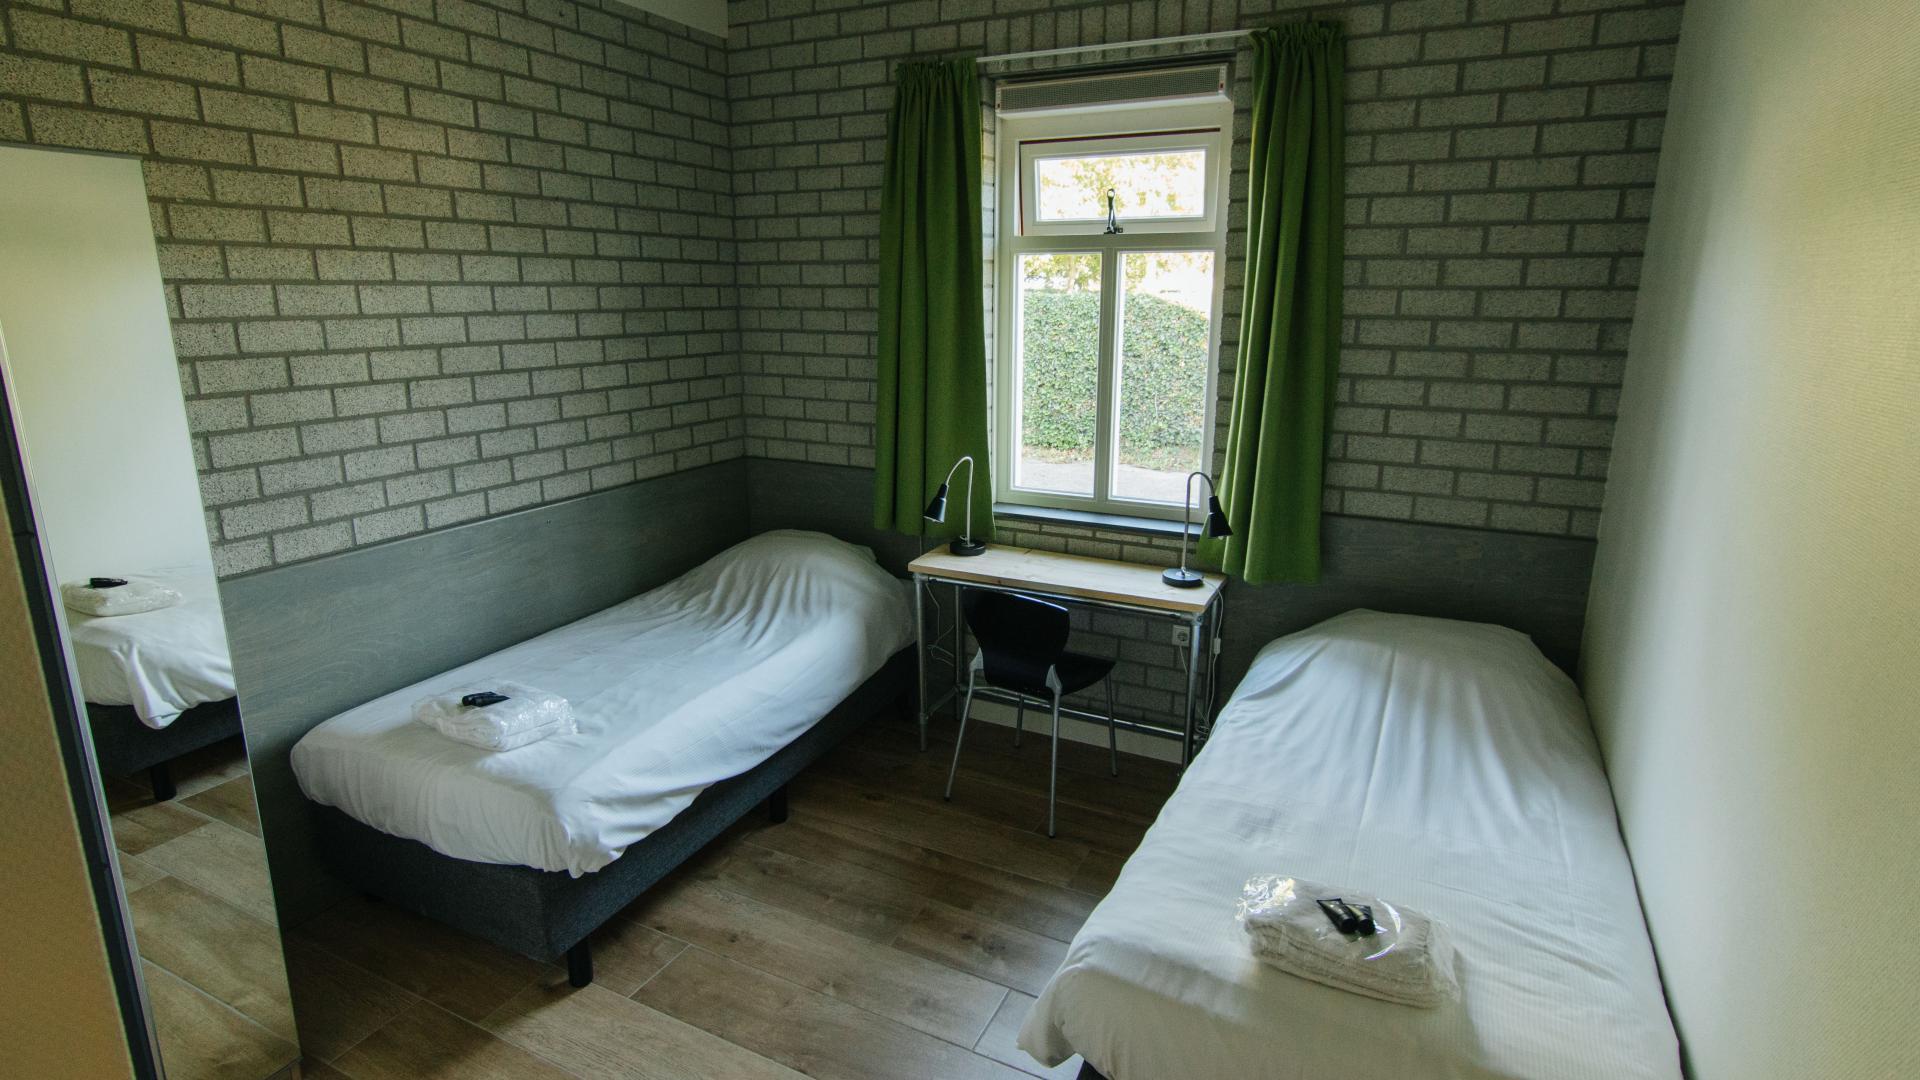 2-persoons slaapkamer in nieuwe slaapvleugel Schop Landgoed de Biestheuvel